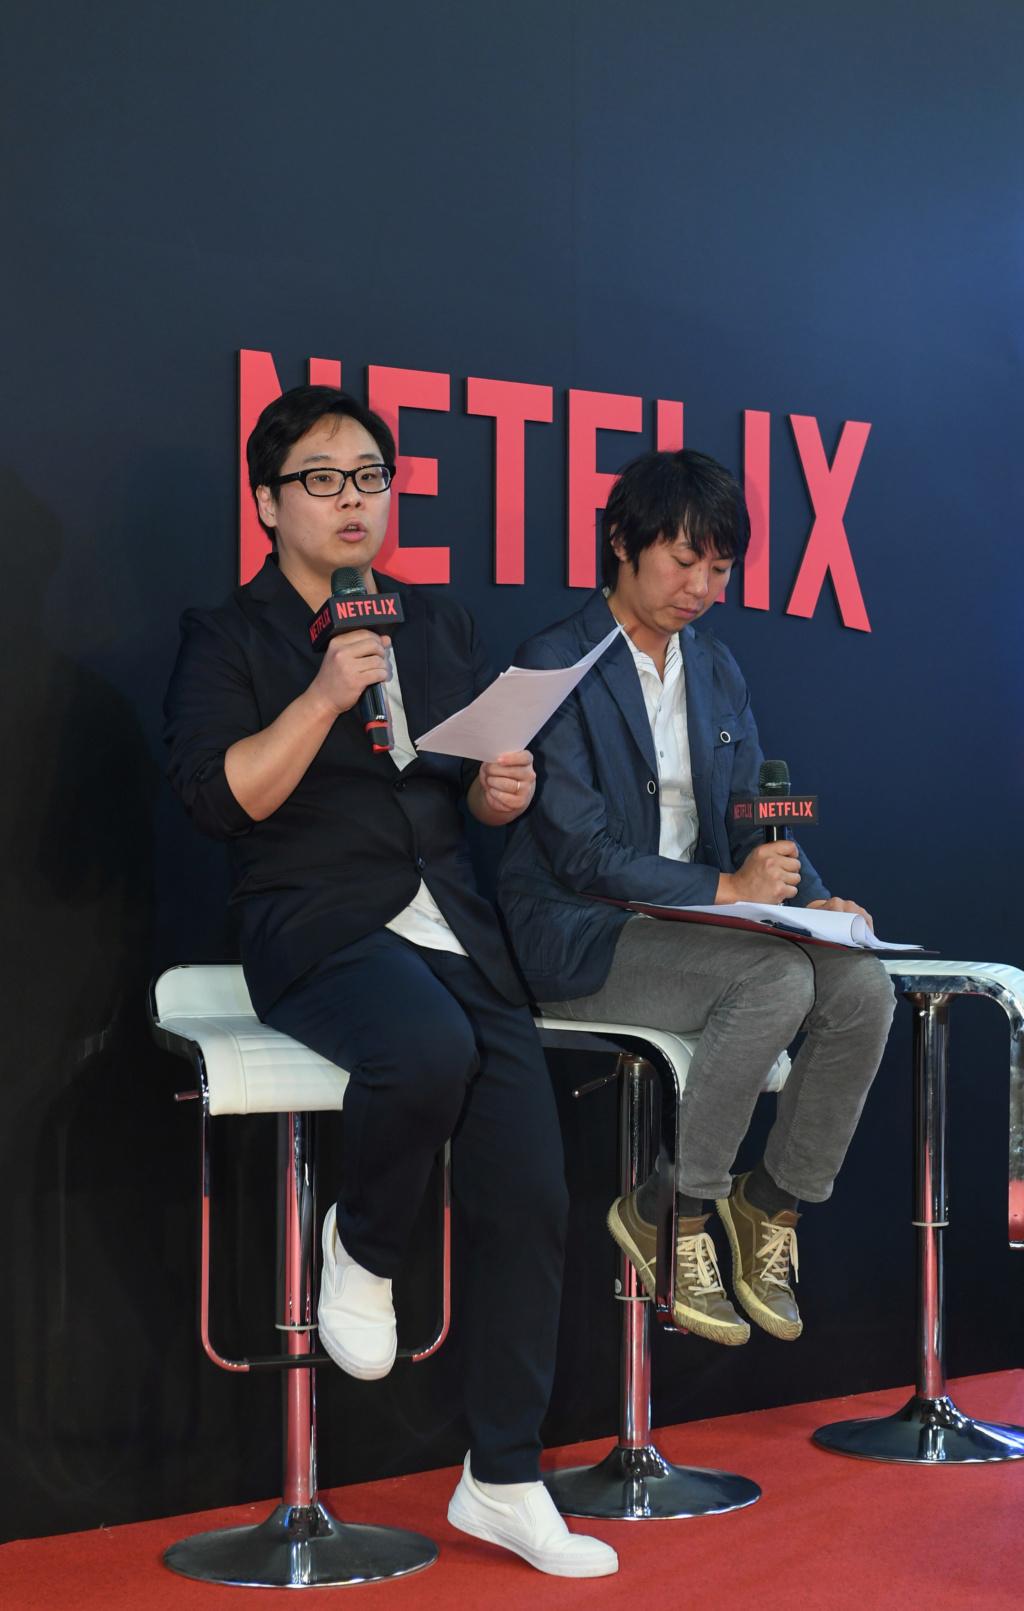 Netflix 攜手台灣西基動畫、五號影像打造全球動漫新勢力  並宣布首部由台灣團隊主導的原創動畫《伊甸》將於2020年全球問世 Taipei11